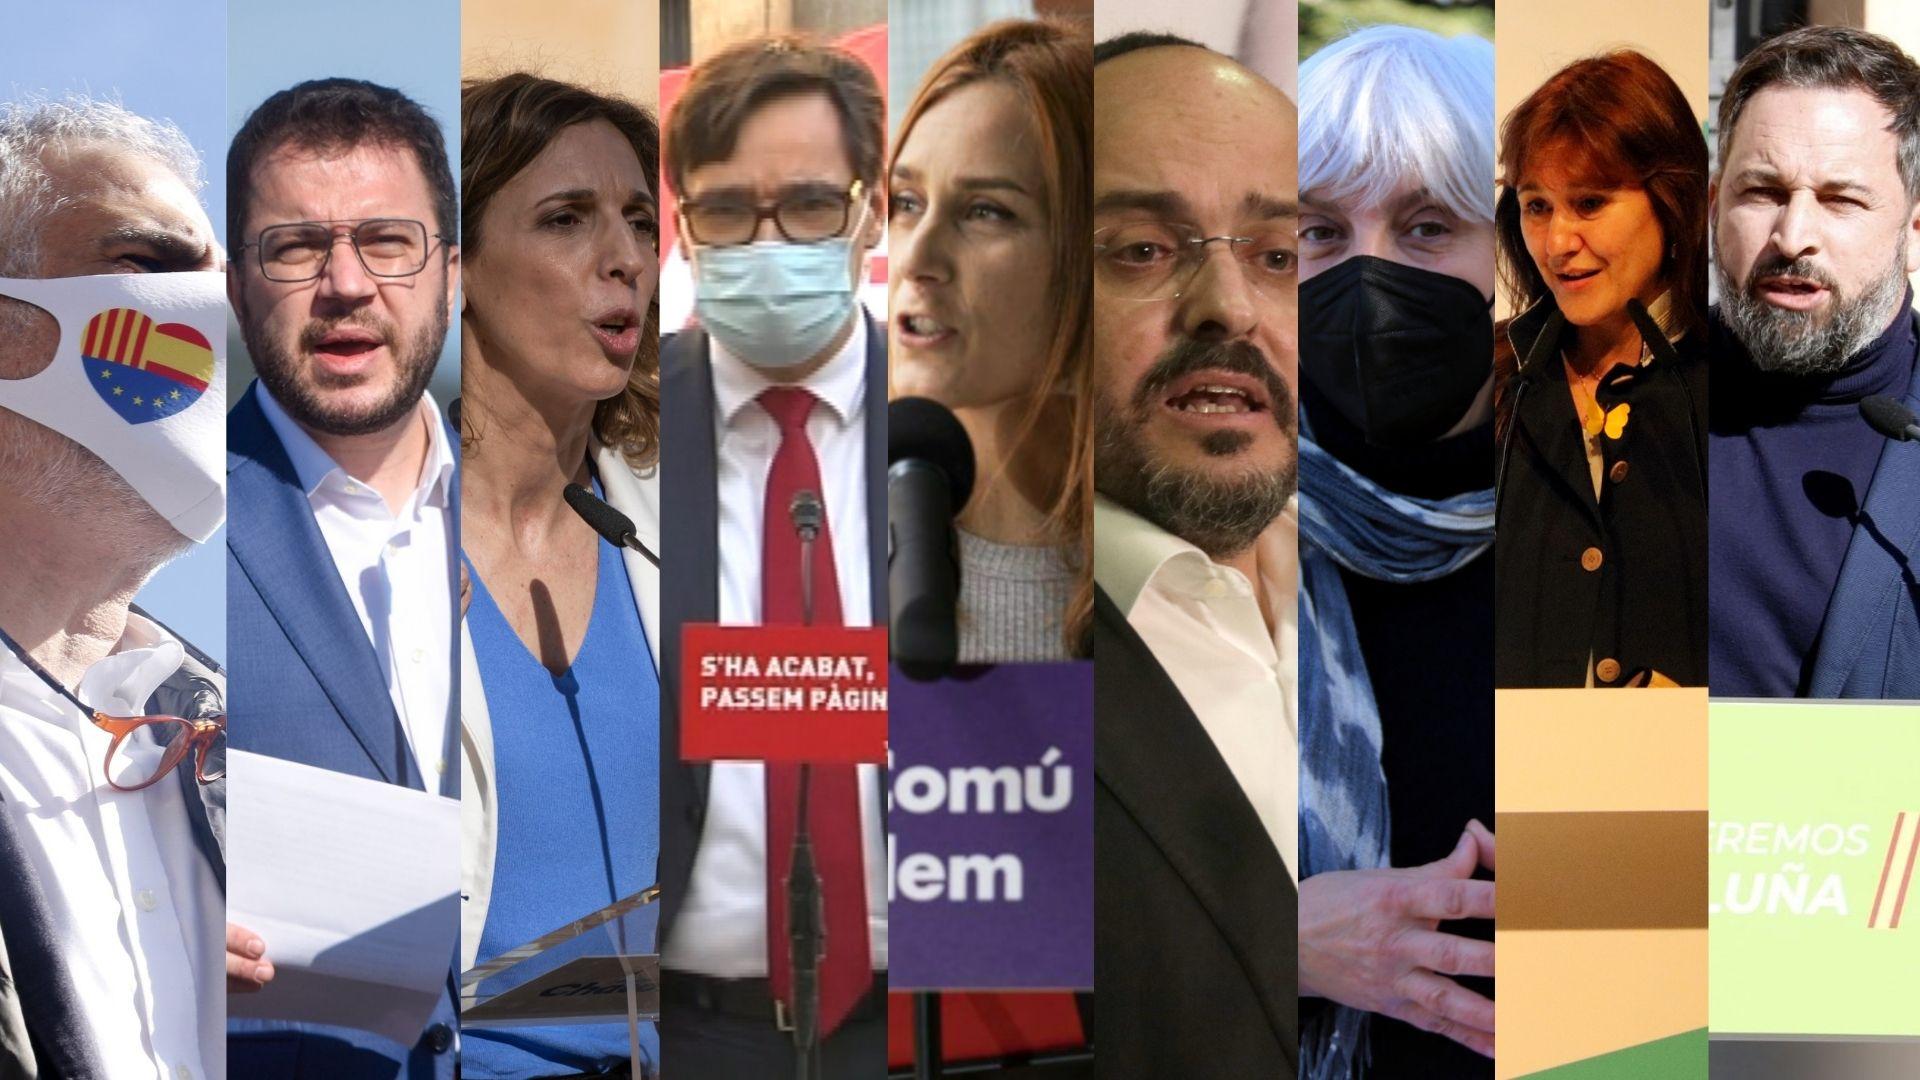 candidats eleccions 14f penúltim dia campanya